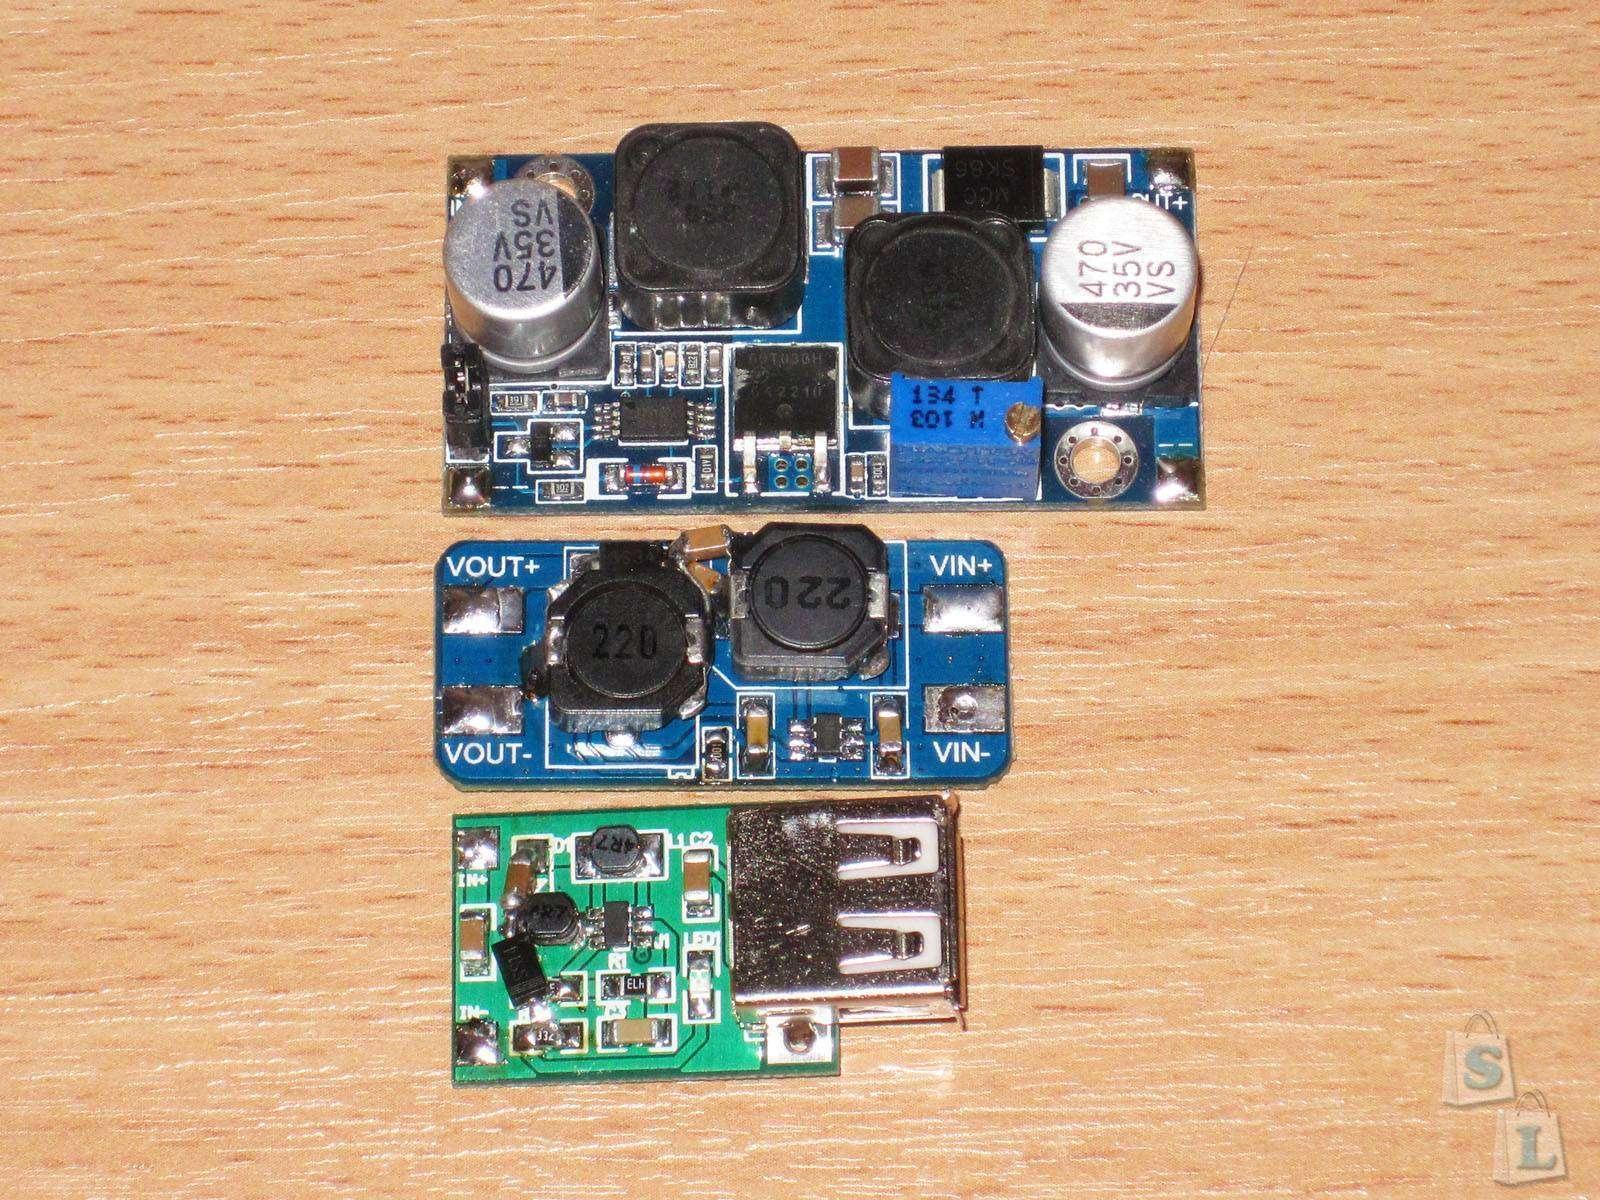 Aliexpress: Пара Step-Up конвертеров и их небольшой апгрейд до SEPIC